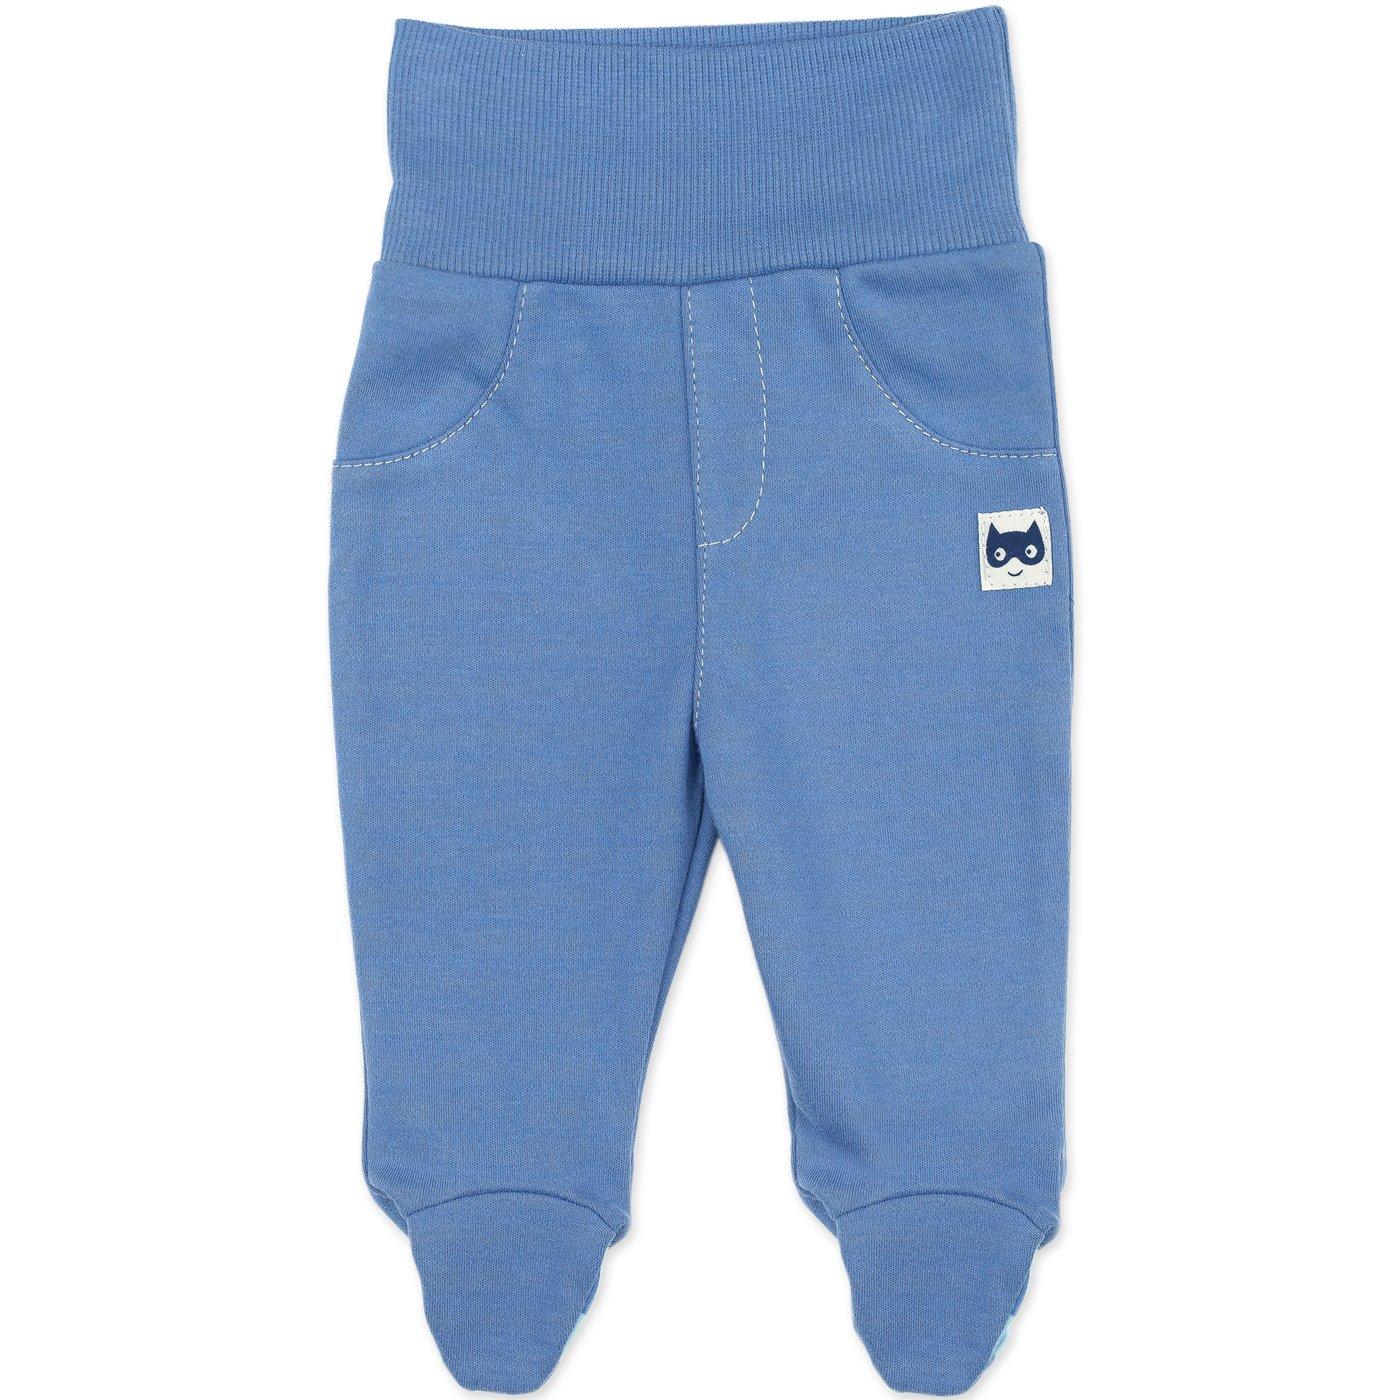 Pinokio - Leggings - Bébé (garçon) 0 à 24 mois bleu bleu